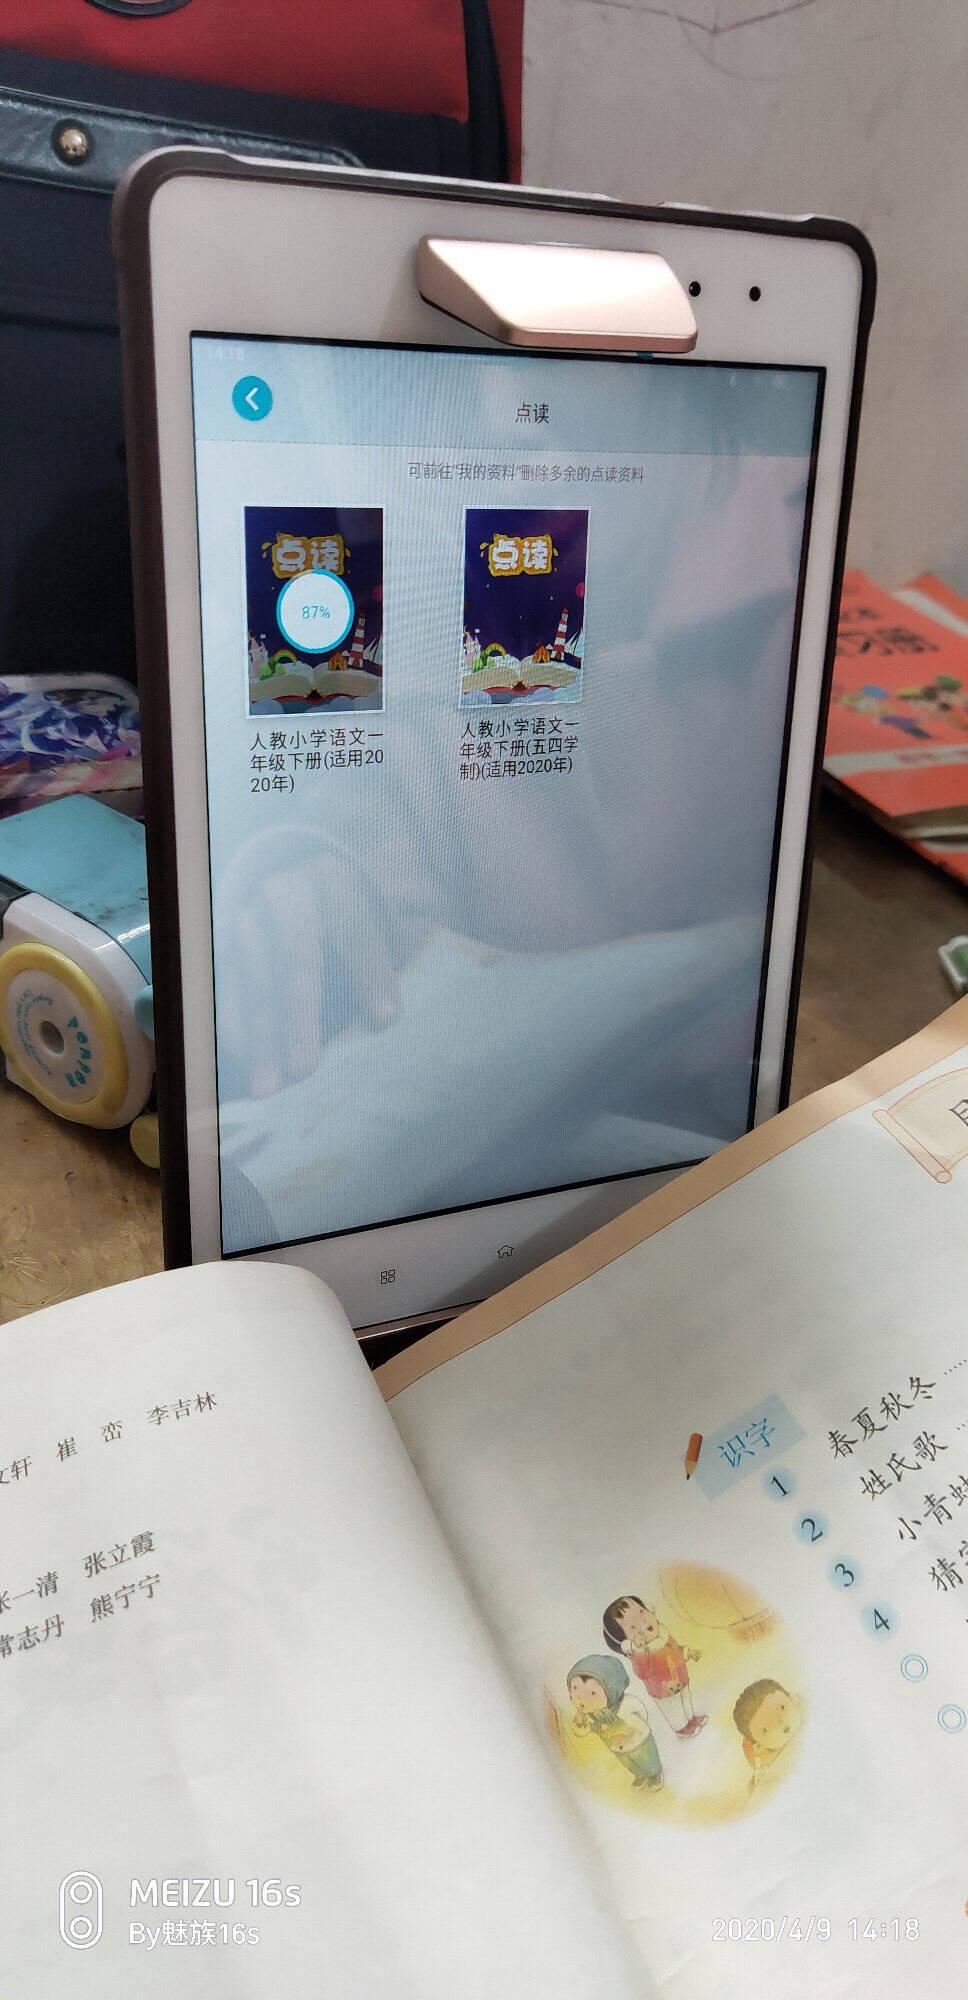 步步高家教机S1W2G+64GB8英寸AI智慧眼安全护眼学习机点读机学生平板学习平板电脑小学初中高中